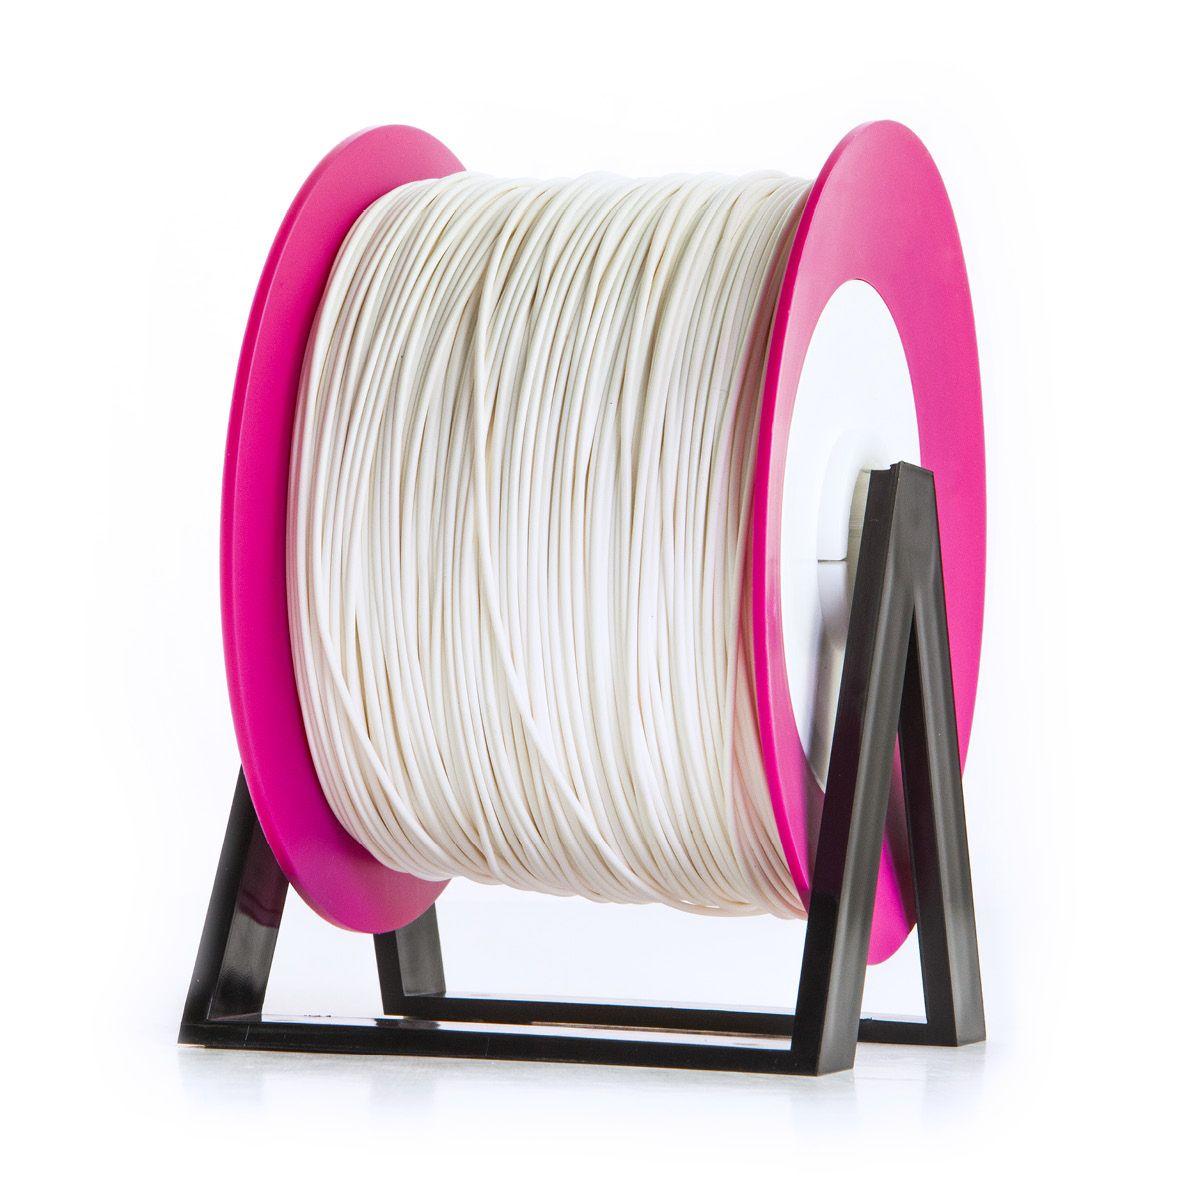 PLA Filament | Color: White